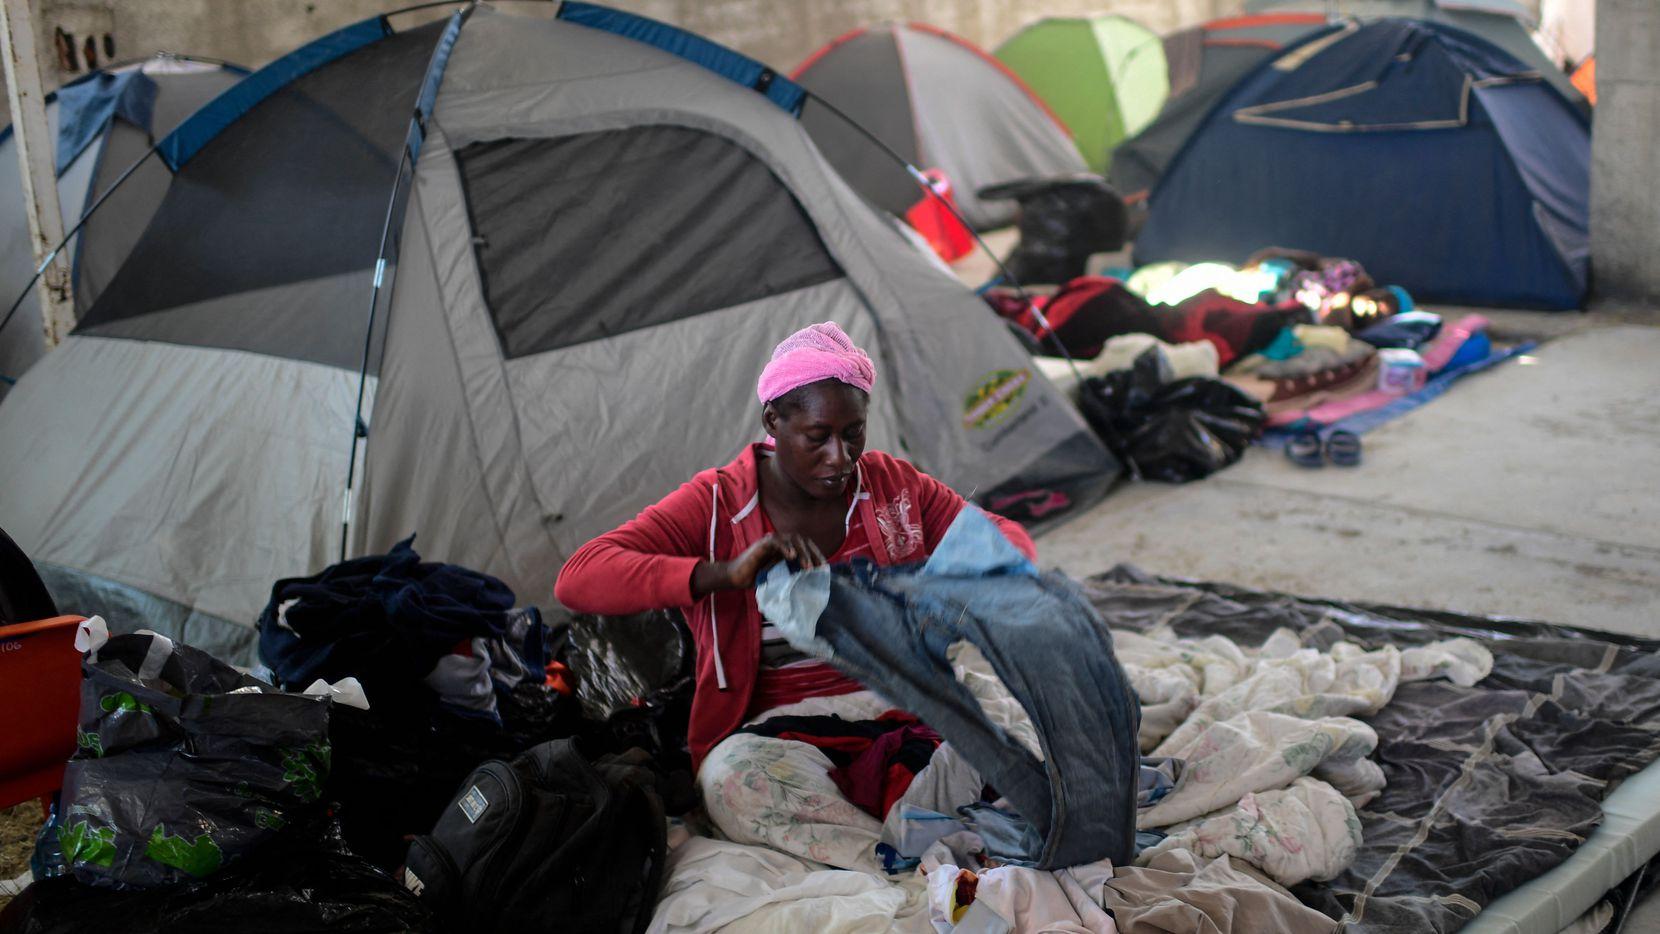 Una mujer de Haiti organiza su ropa en un centro de refugio en Ciudad Acuña el 25 de septiembre.